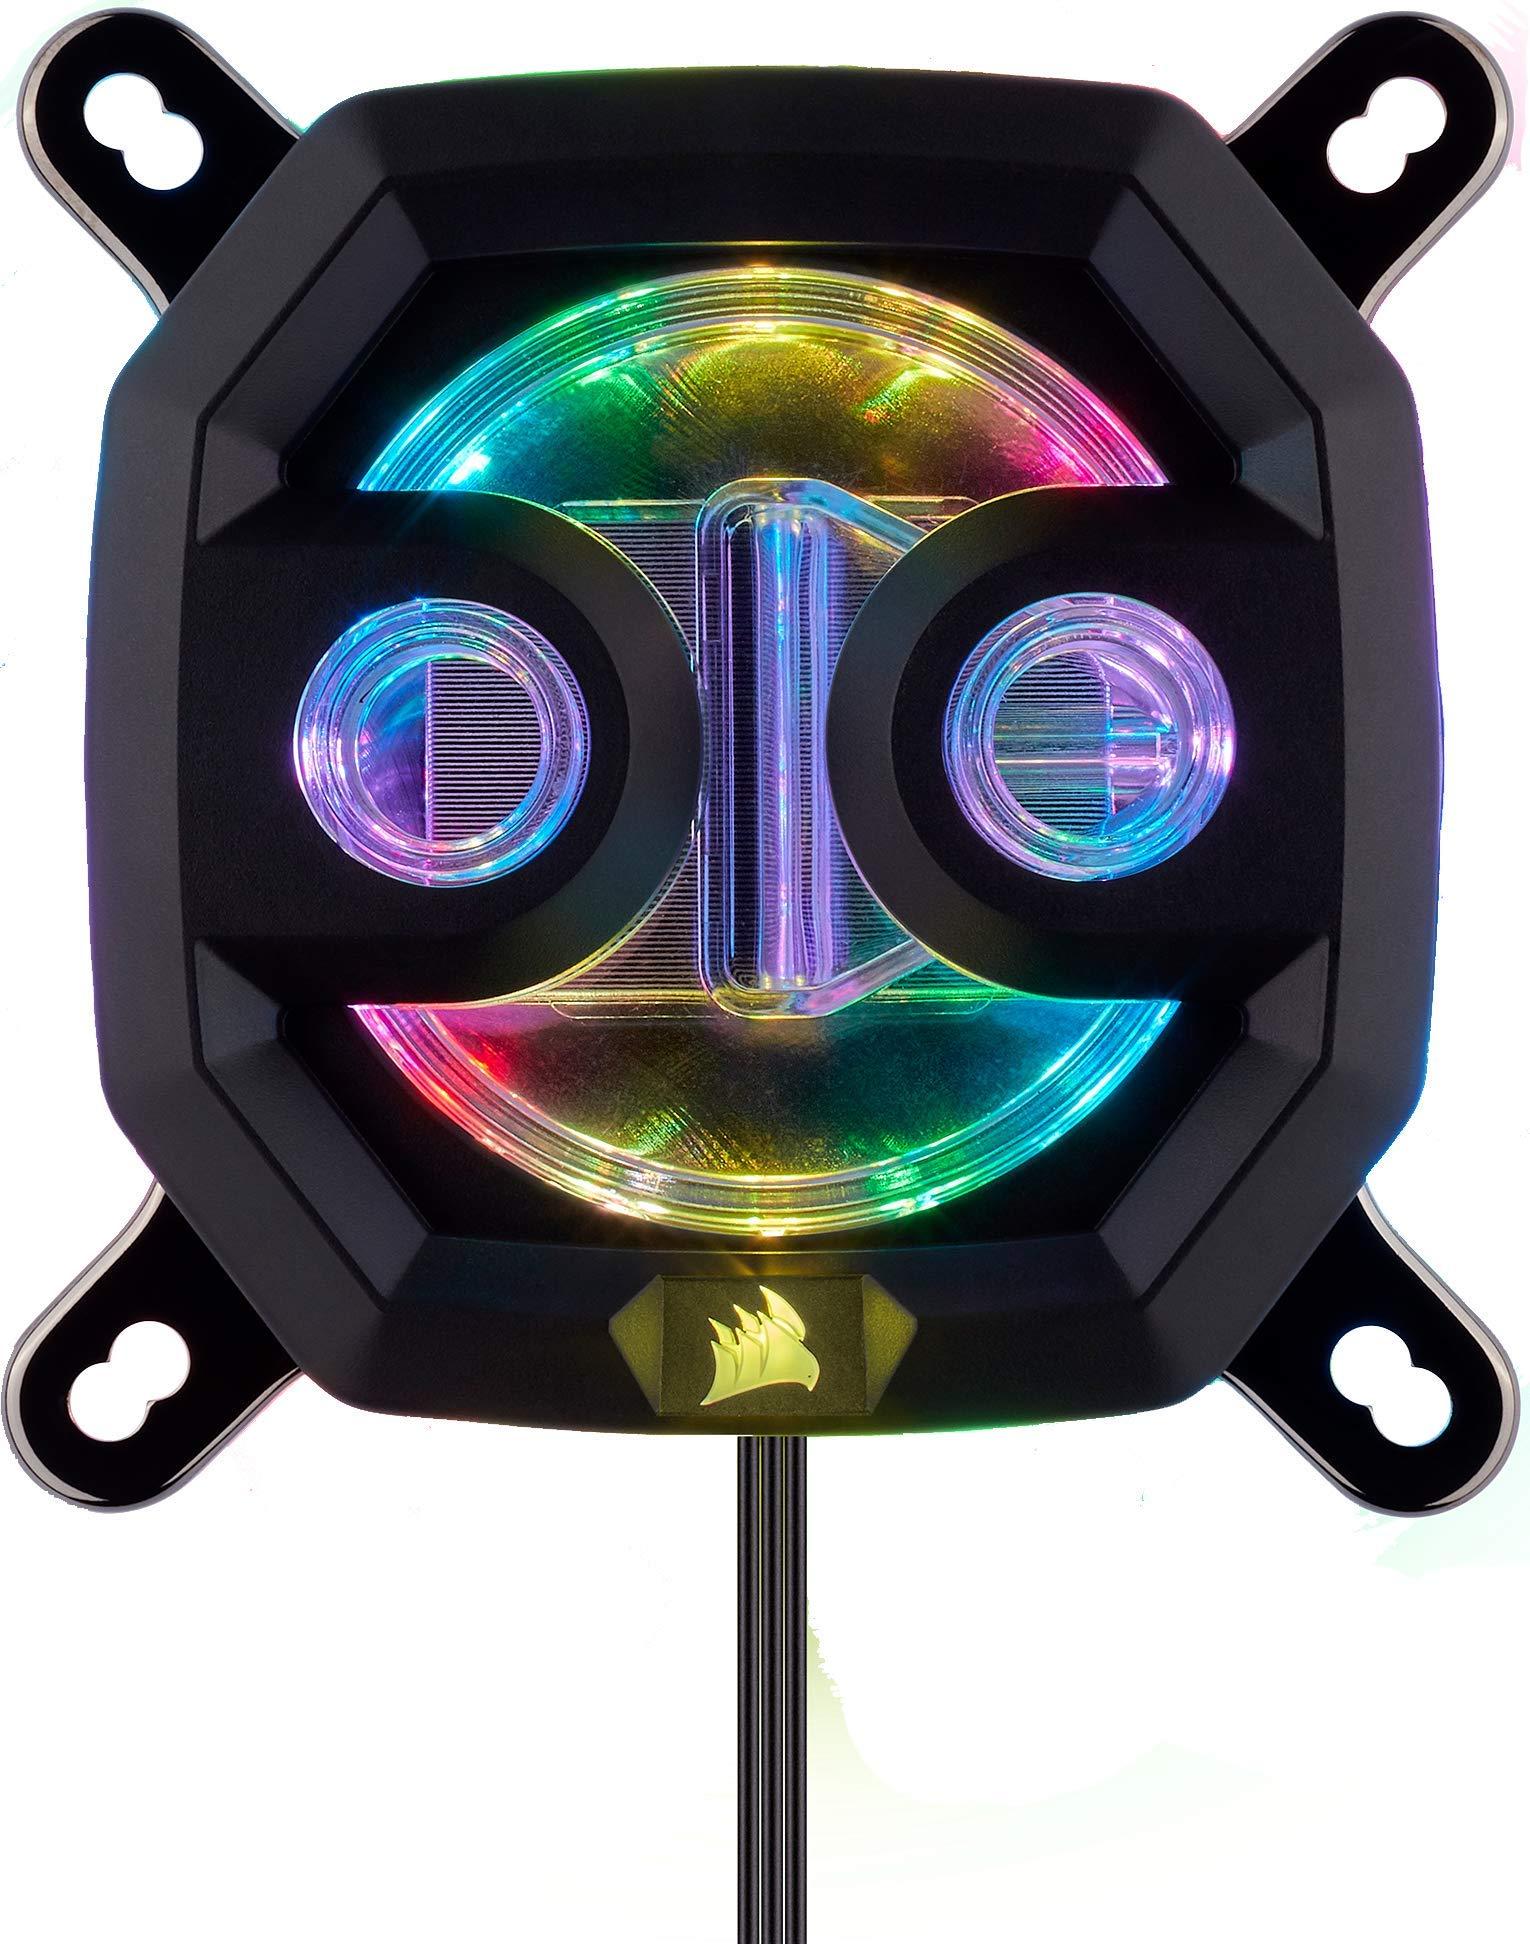 Corsair Hydro X Series, XC7 RGB Bloque de Refrigeración Líquida para CPU para Intel 115X/AMD AM4 Zócalo, refrigeración sin concesiones, Personalizable iluminación RGB, fácil instalación, Negro: Amazon.es: Informática